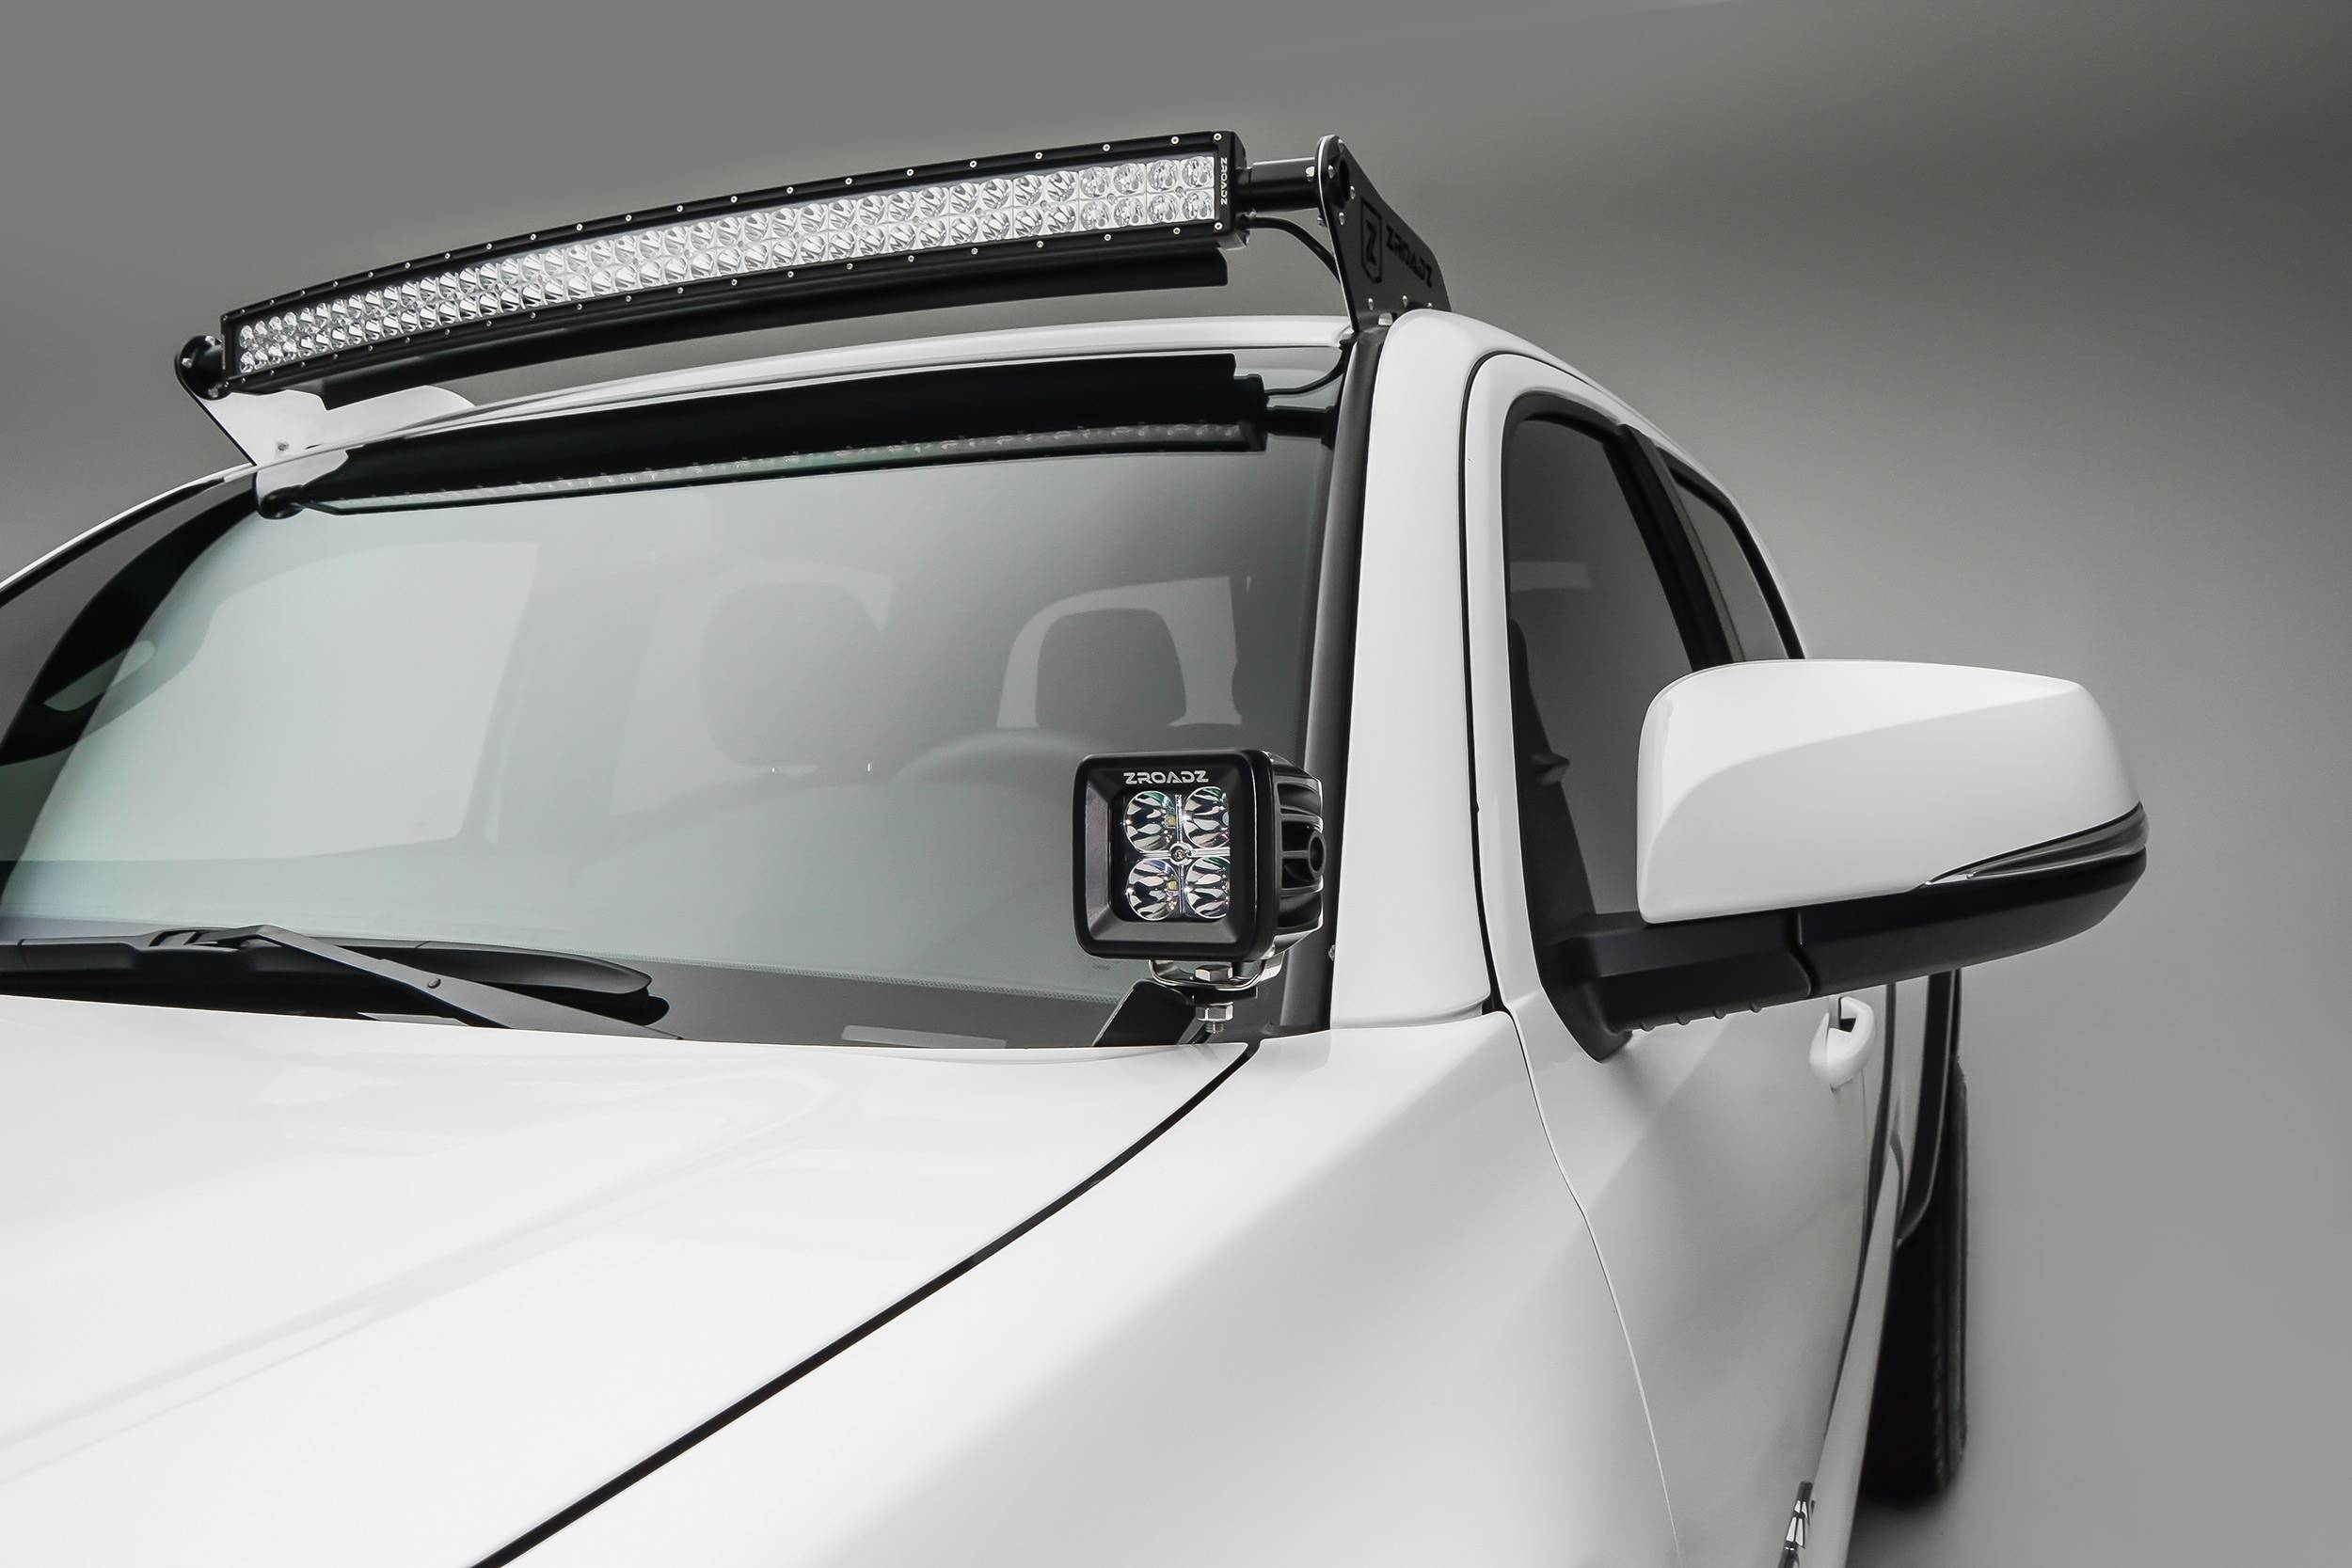 ZROADZ                                             - 2016-2020 Toyota Tacoma Hood Hinge LED Kit, Incl. (2) 3 Inch LED Pod Lights - PN #Z369401-KIT2